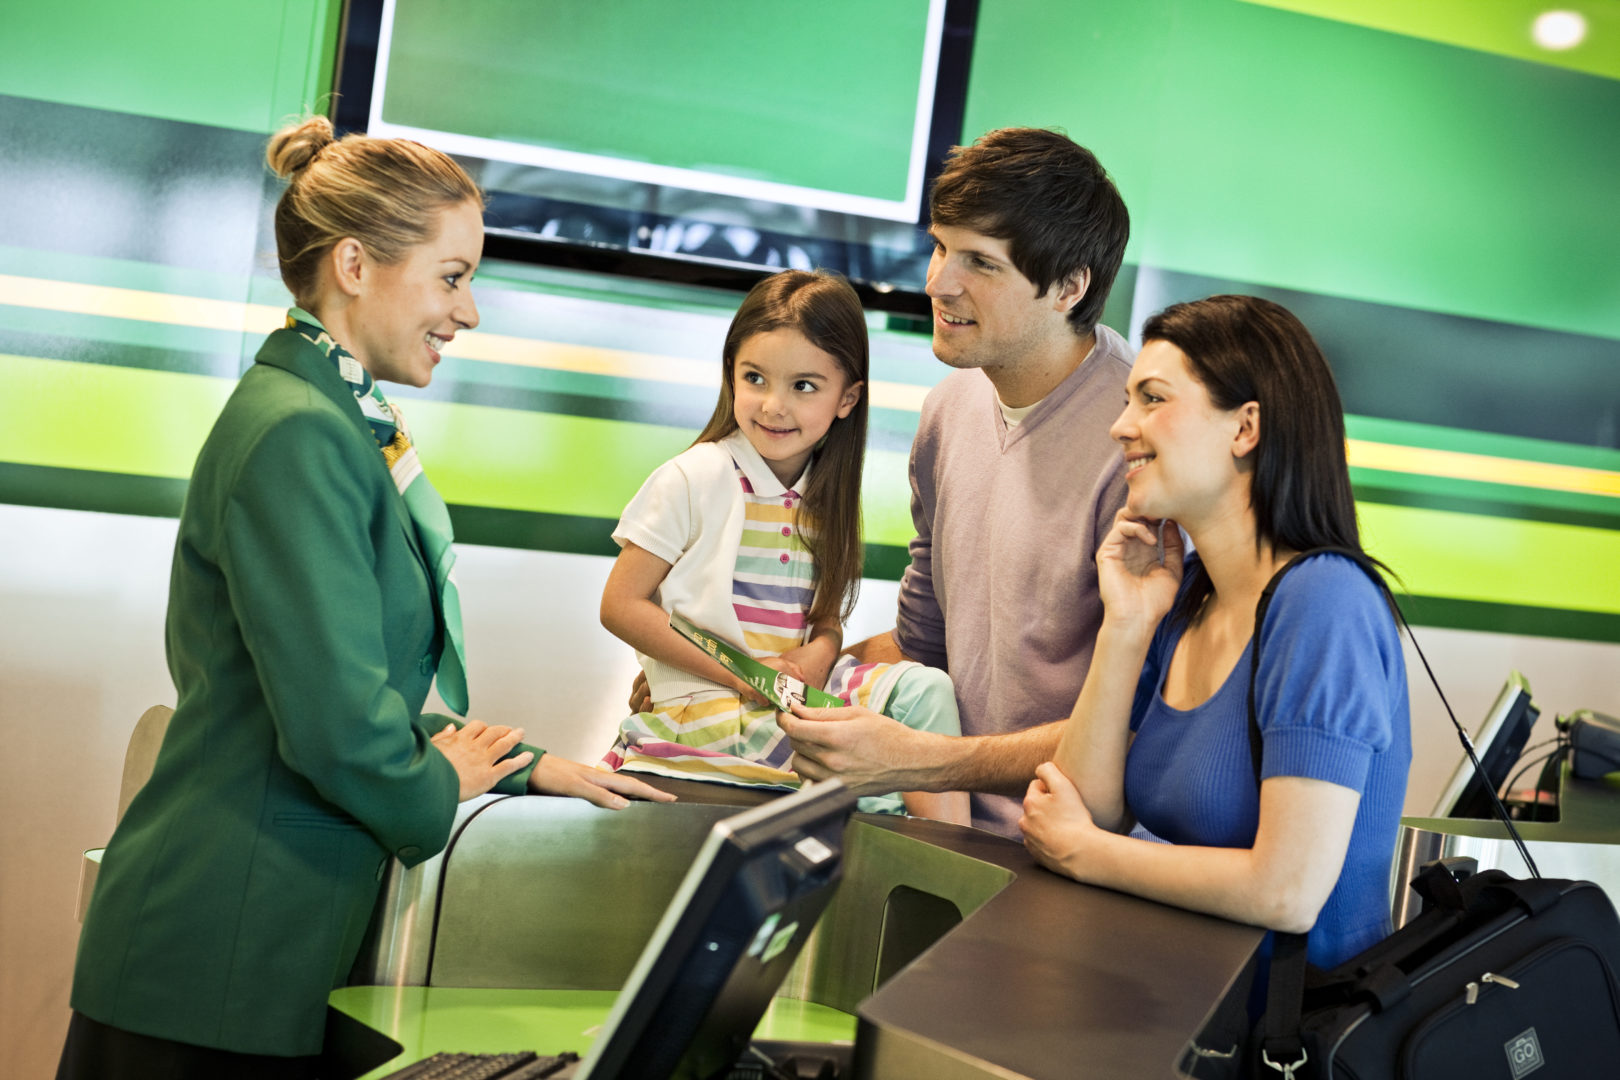 Counter Europcar